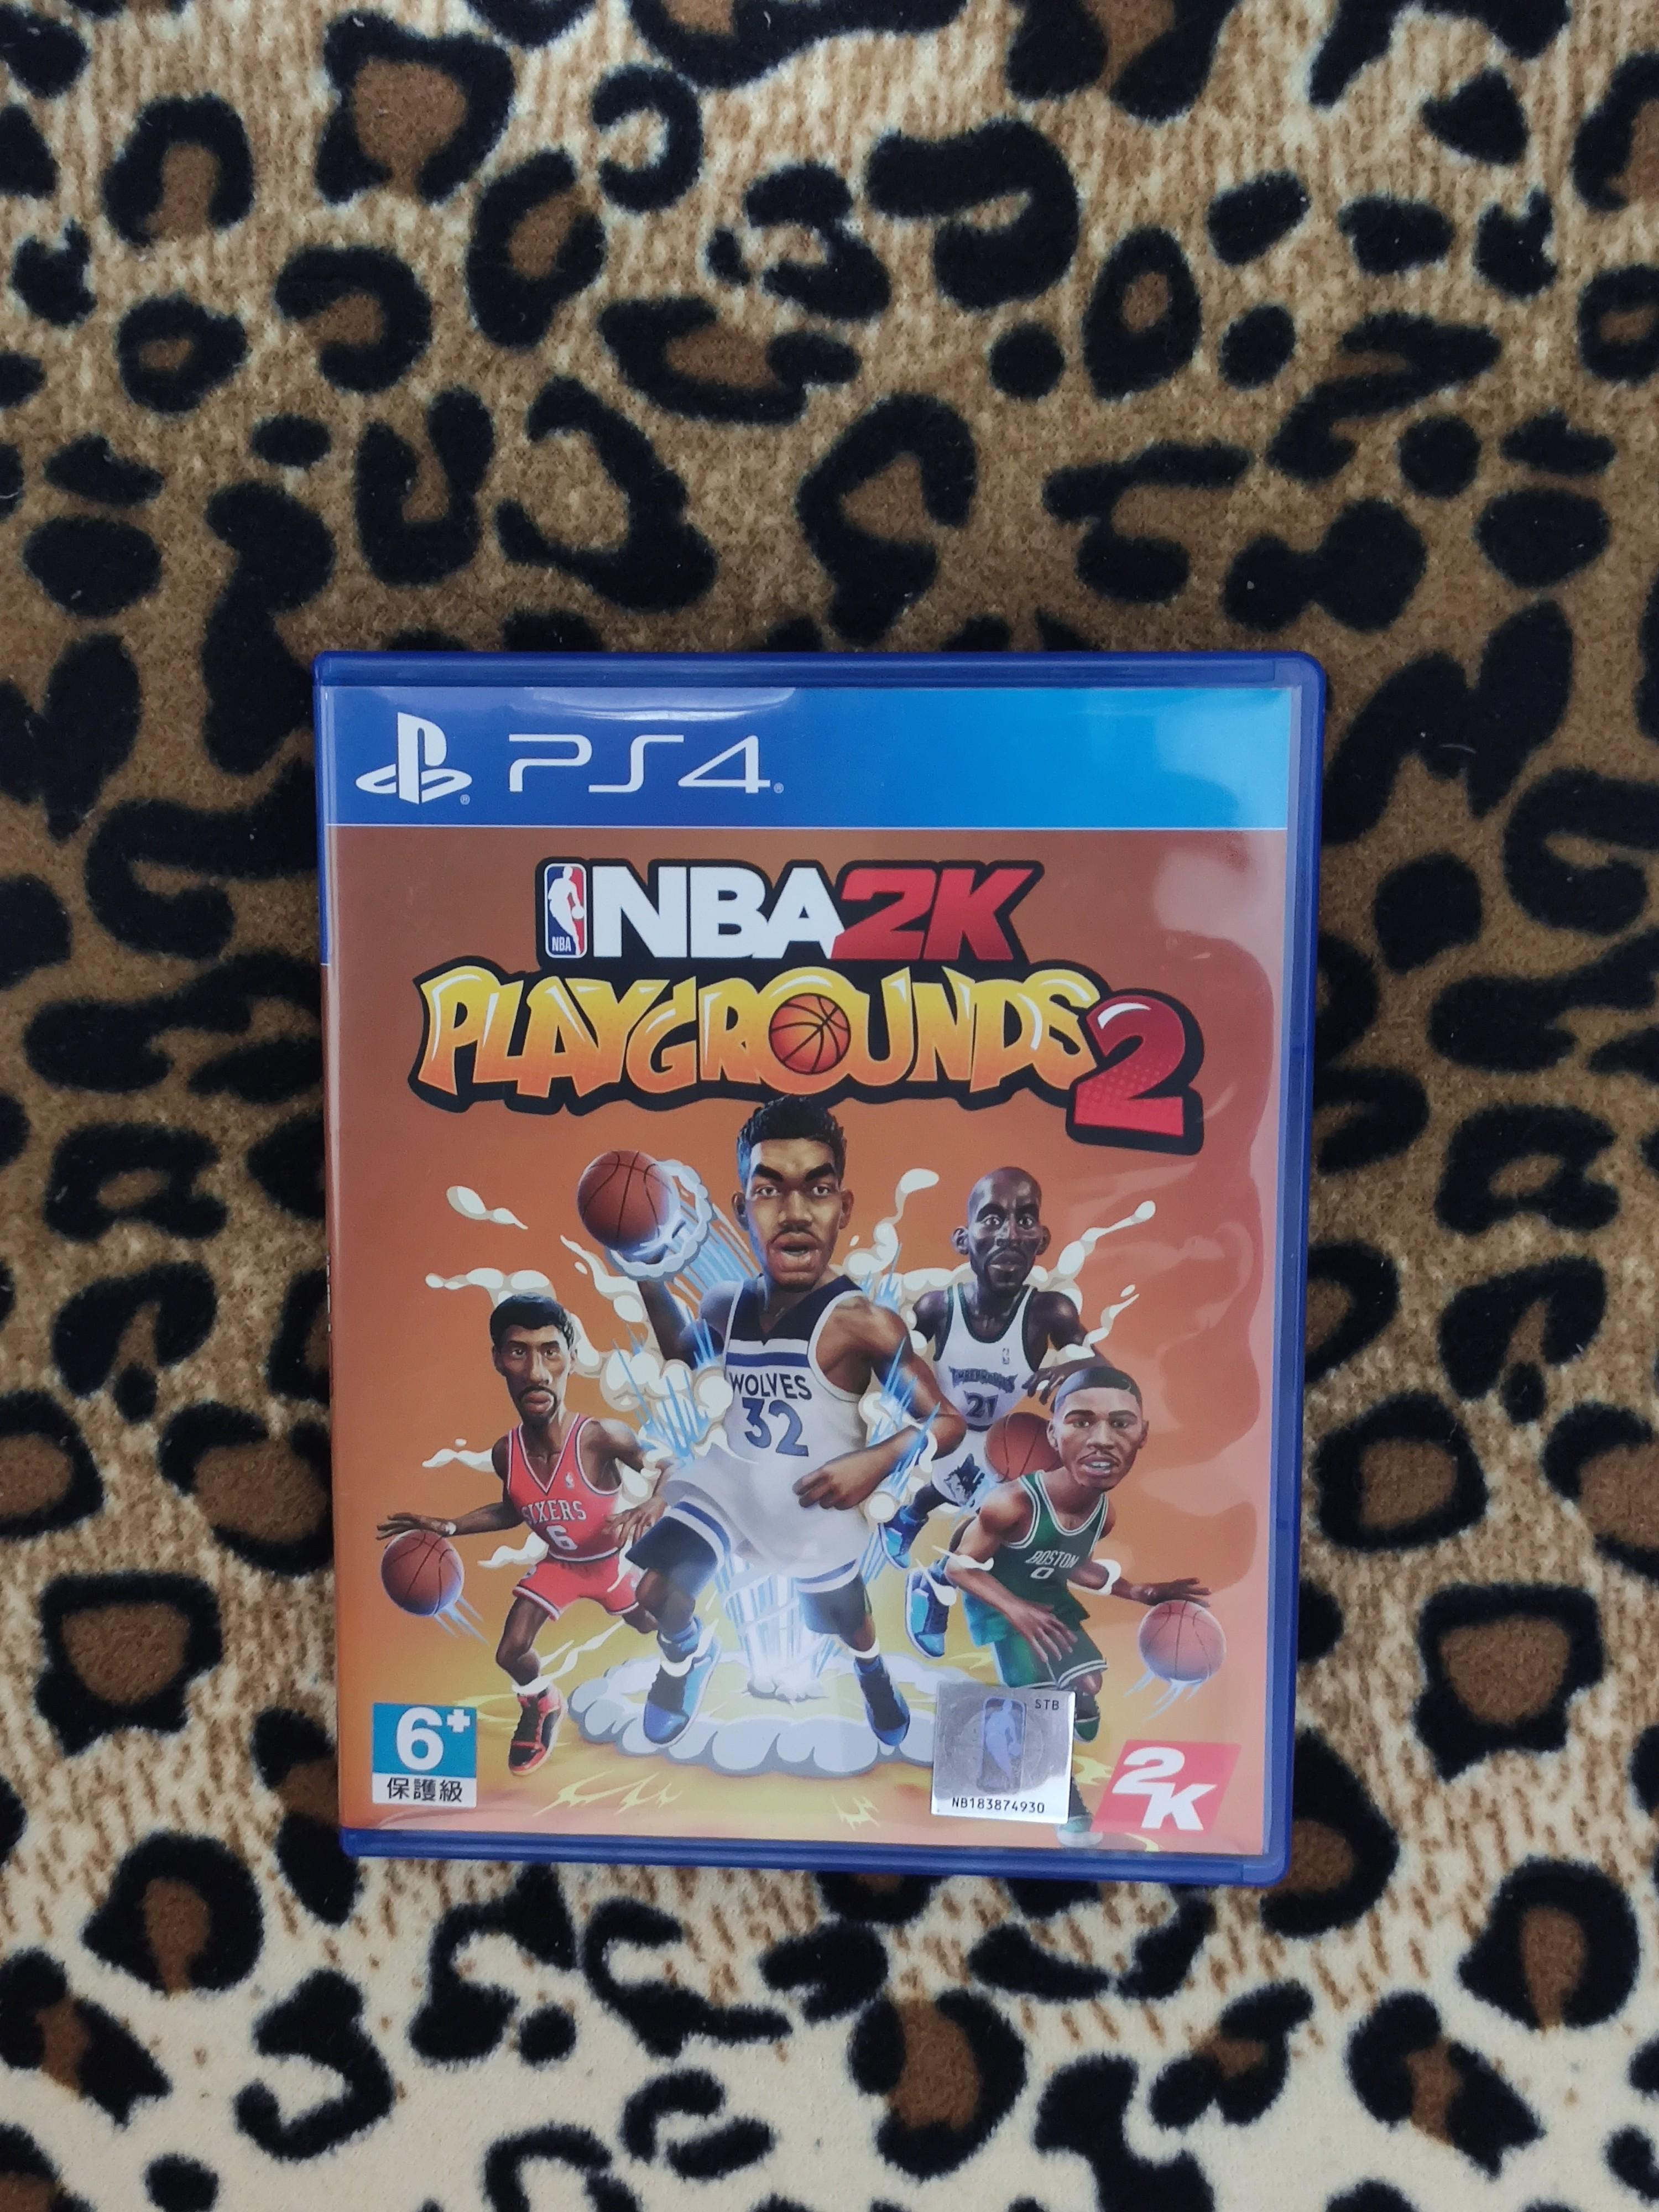 二手 PS4 NBA 2K 熱血街球場 2 Playgrounds 2 中文版